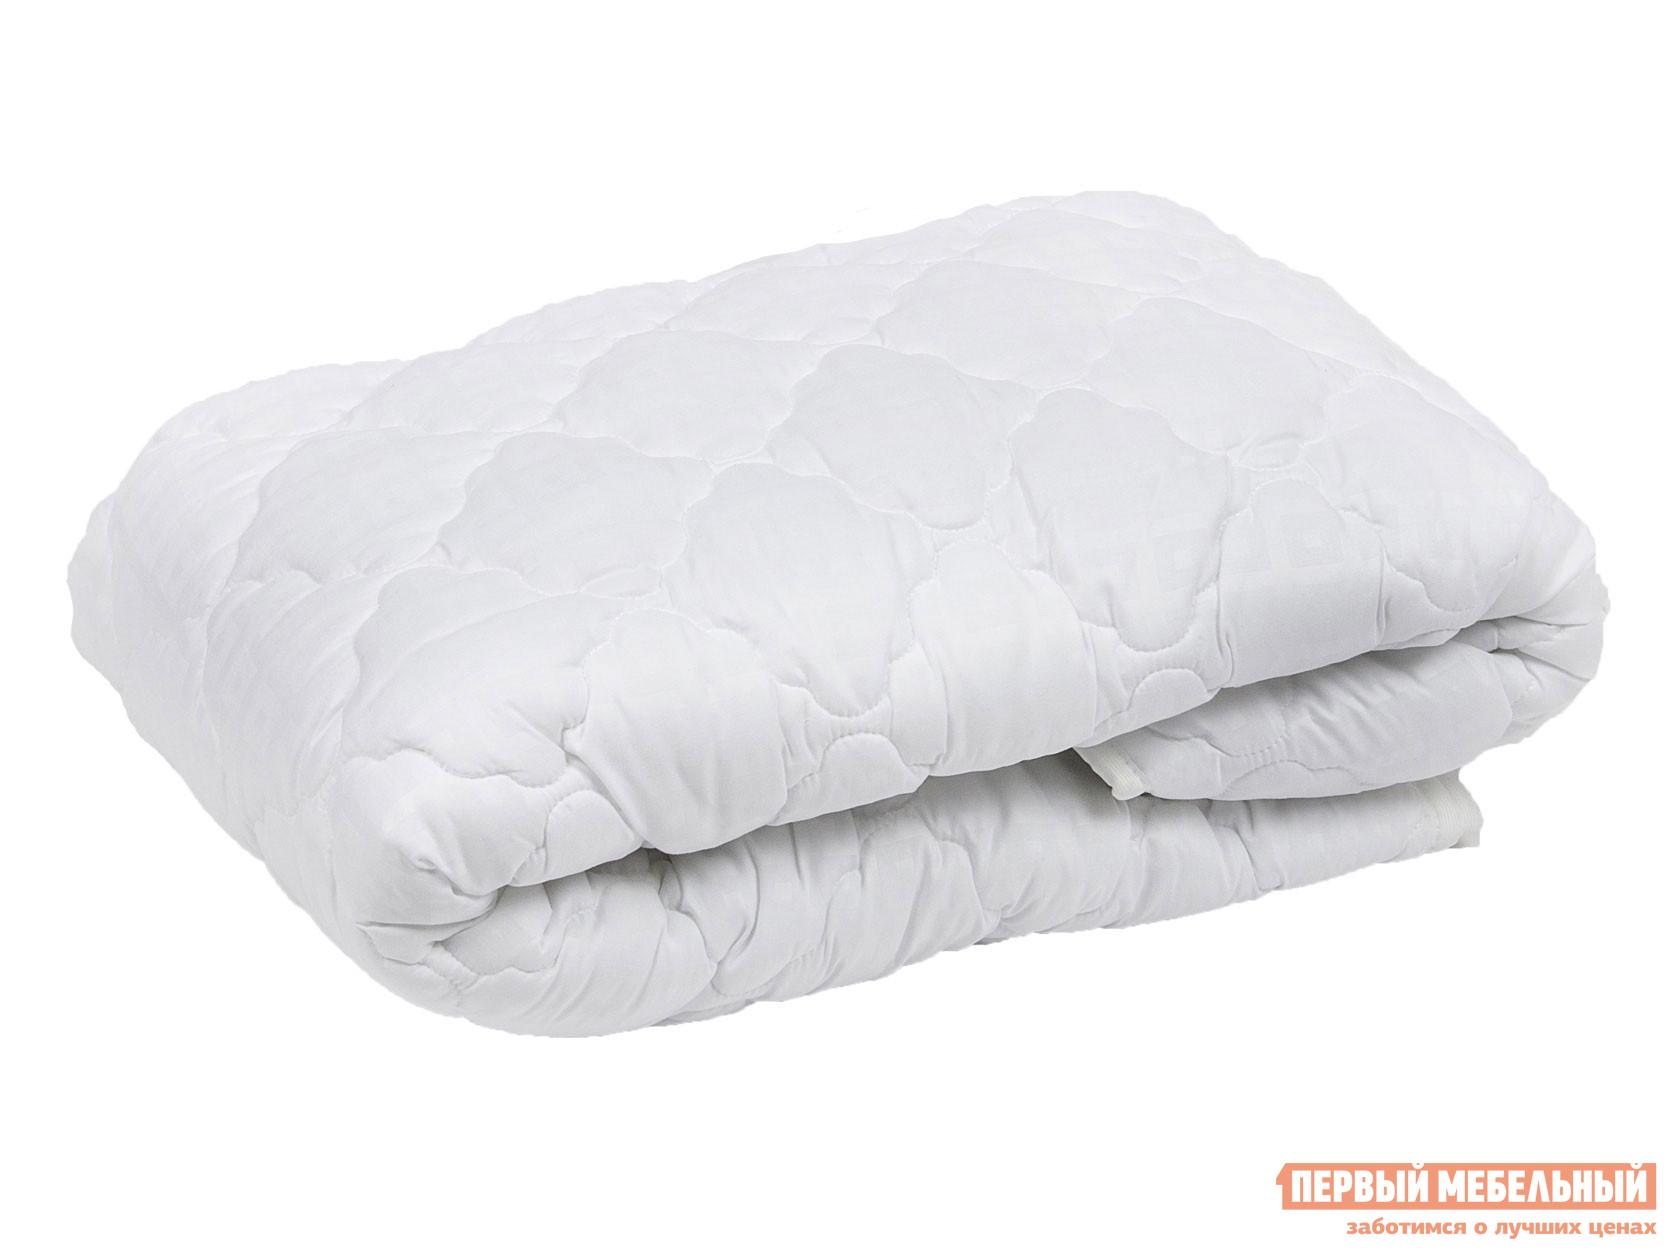 Одеяло Первый Мебельный Одеяло микрофибра/лебяжий пух, 150г/м2 легкое